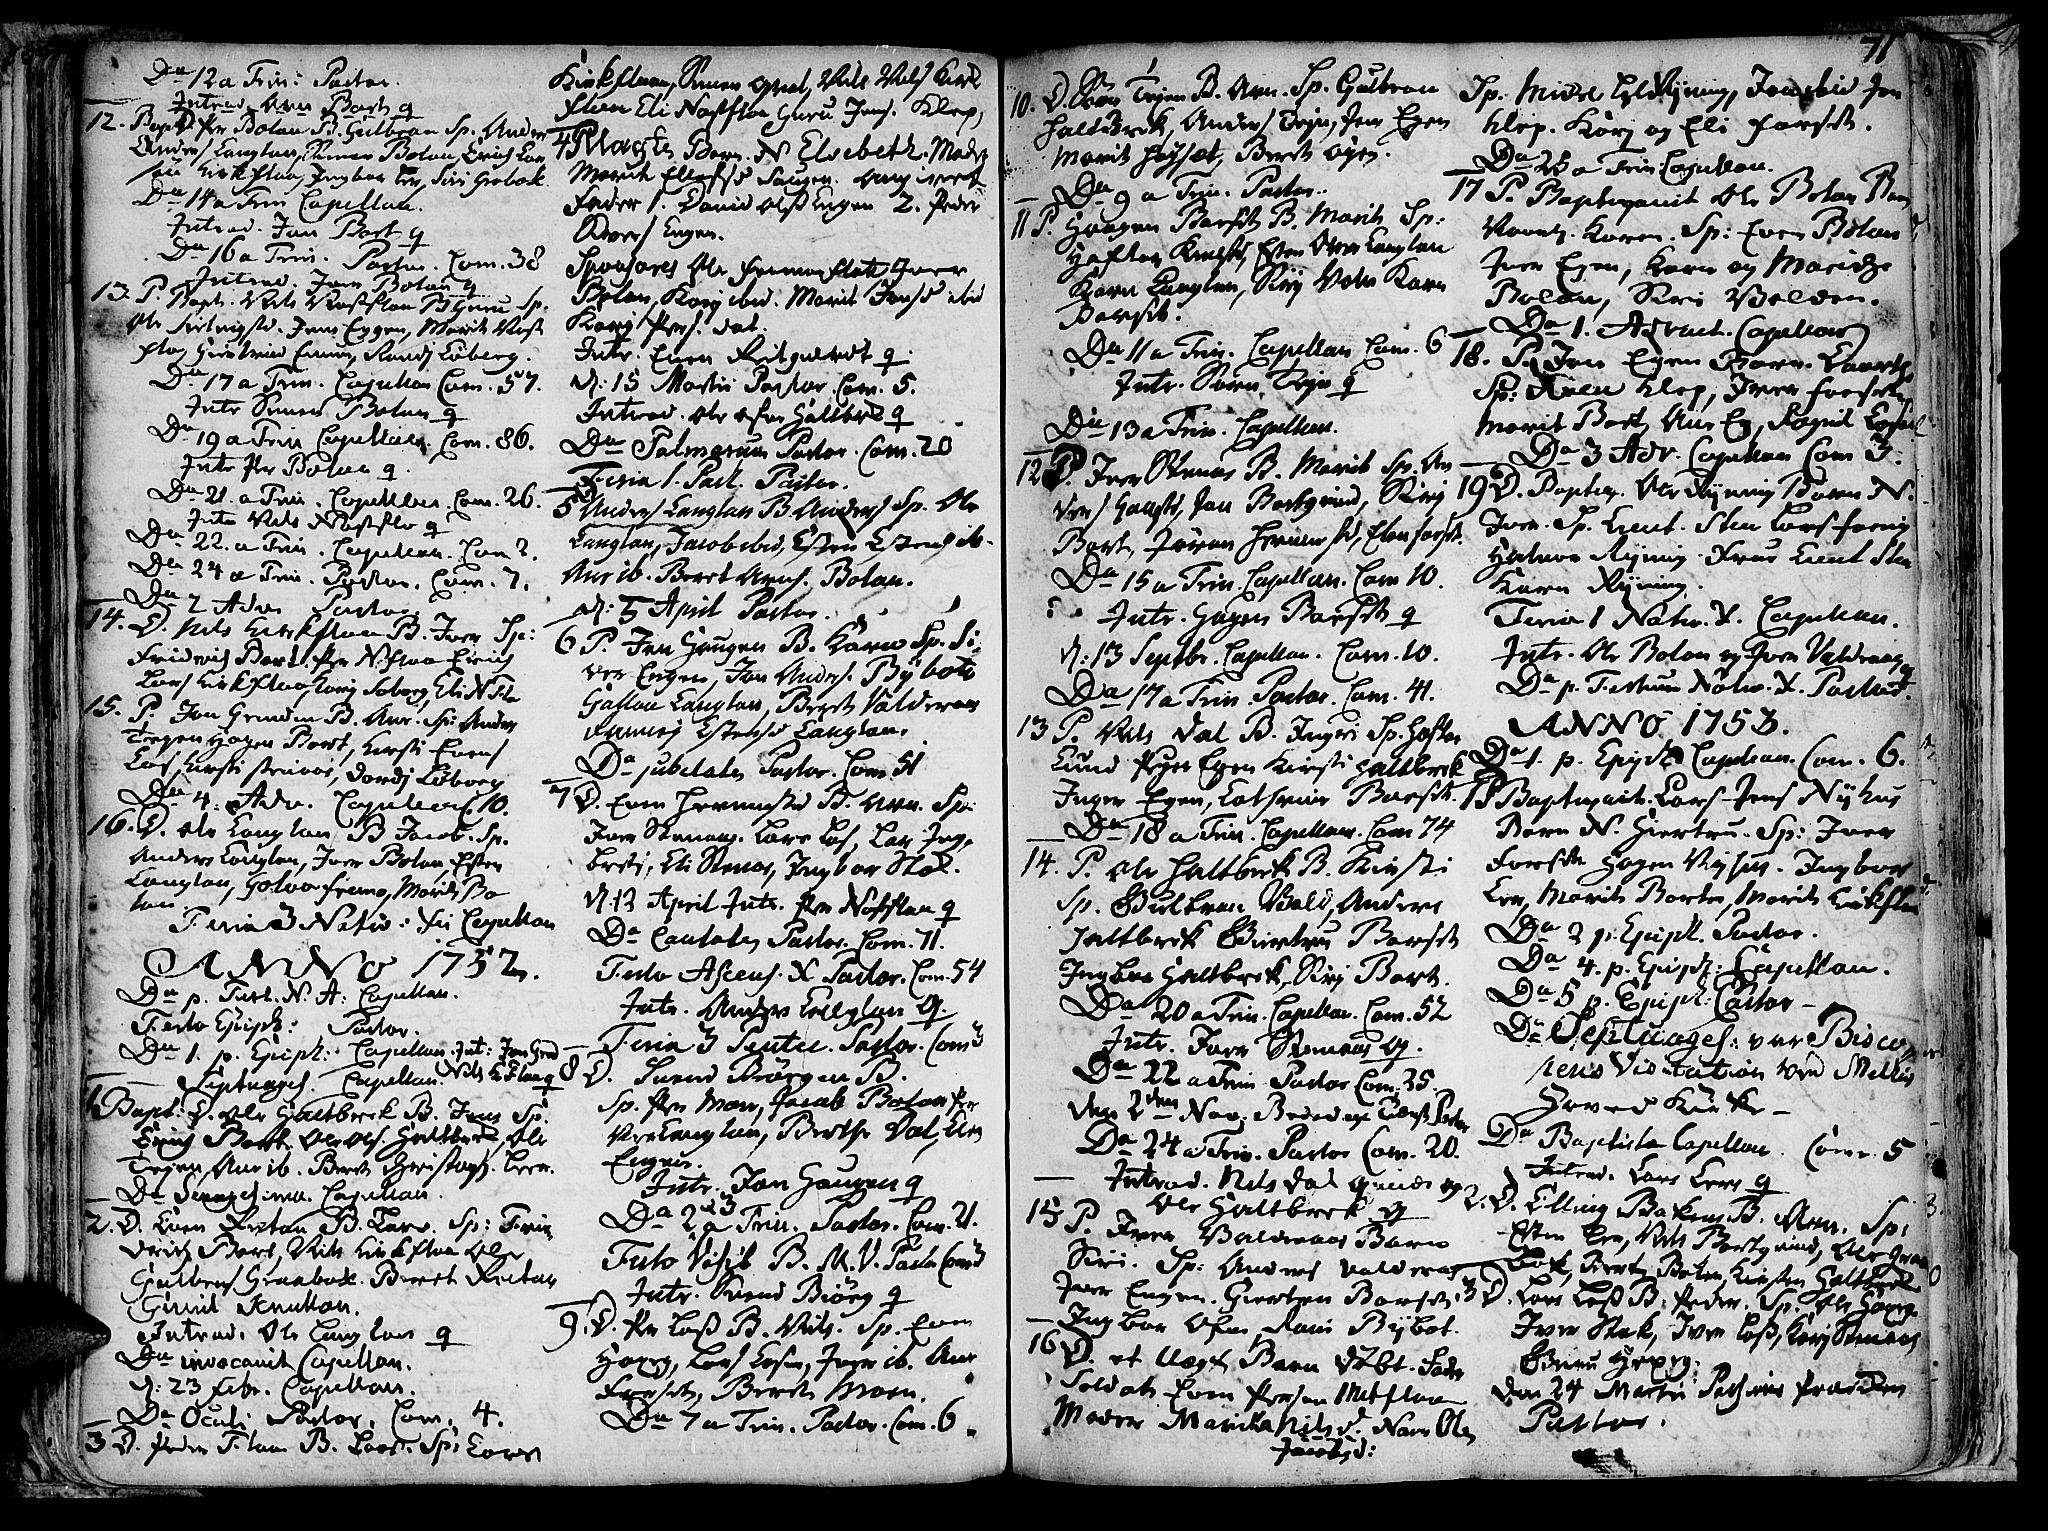 SAT, Ministerialprotokoller, klokkerbøker og fødselsregistre - Sør-Trøndelag, 691/L1058: Ministerialbok nr. 691A01 /2, 1740-1767, s. 71